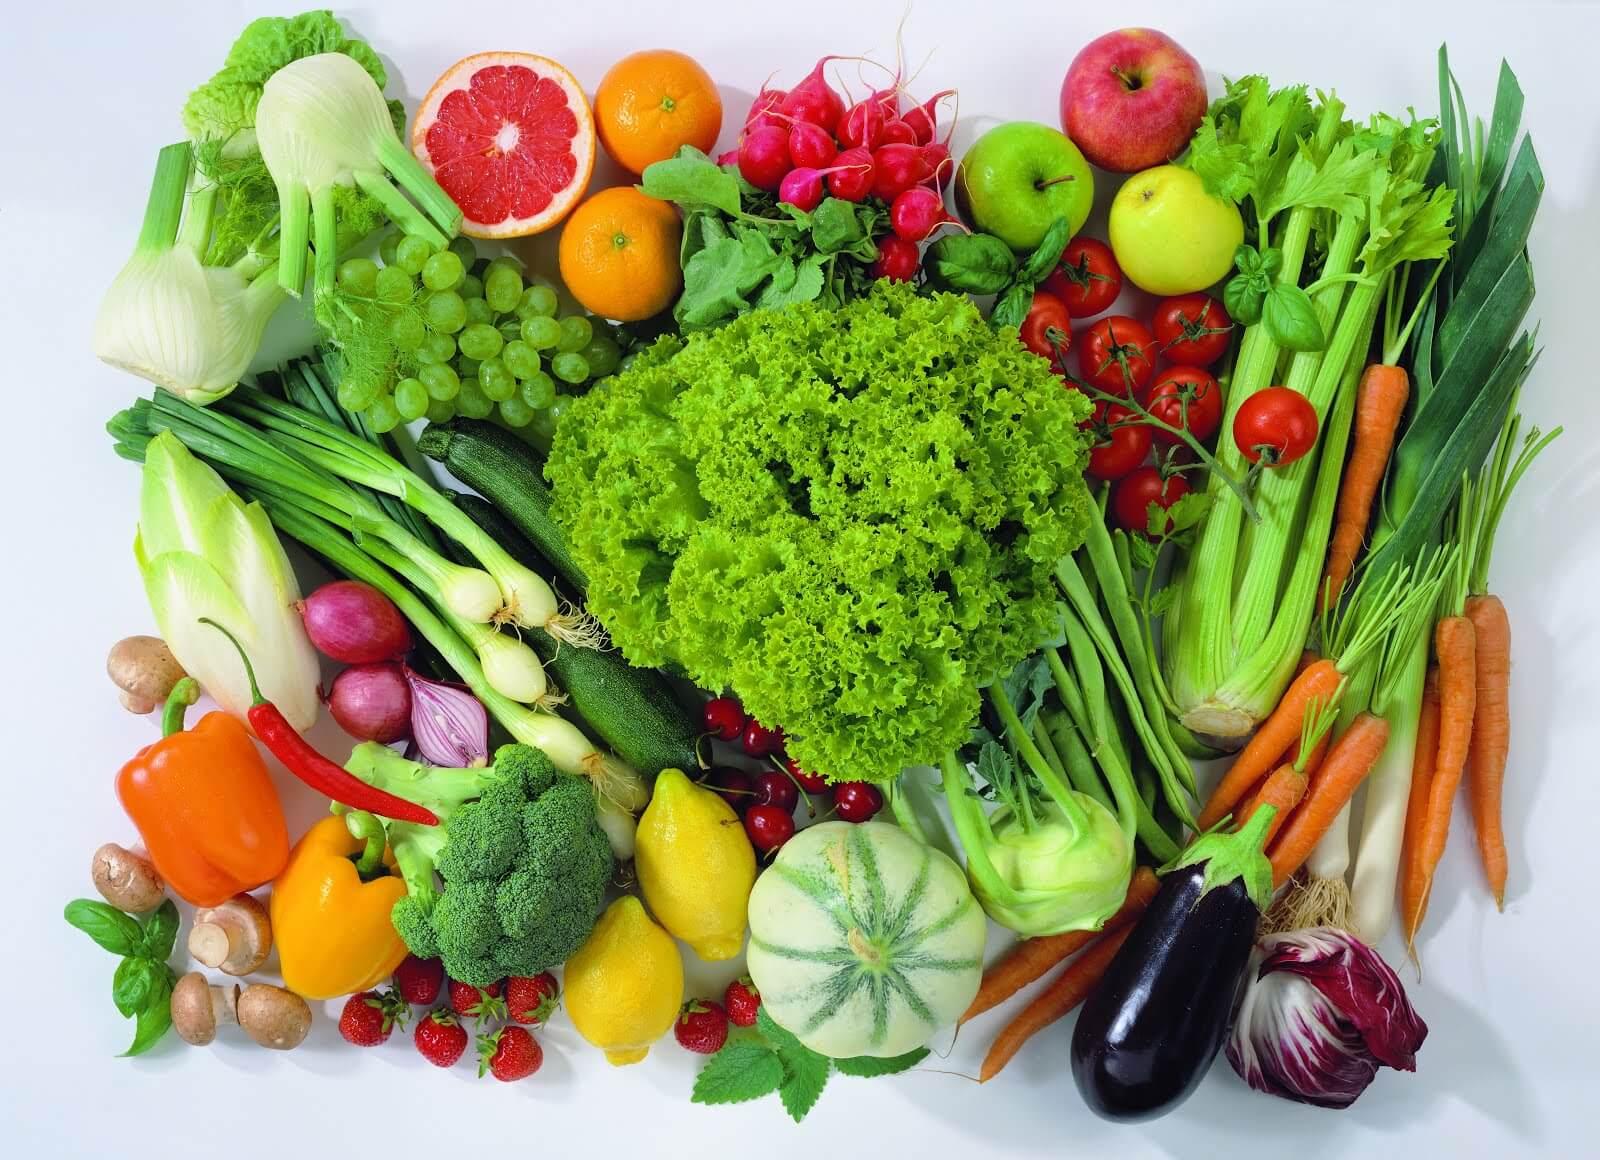 くだものと野菜